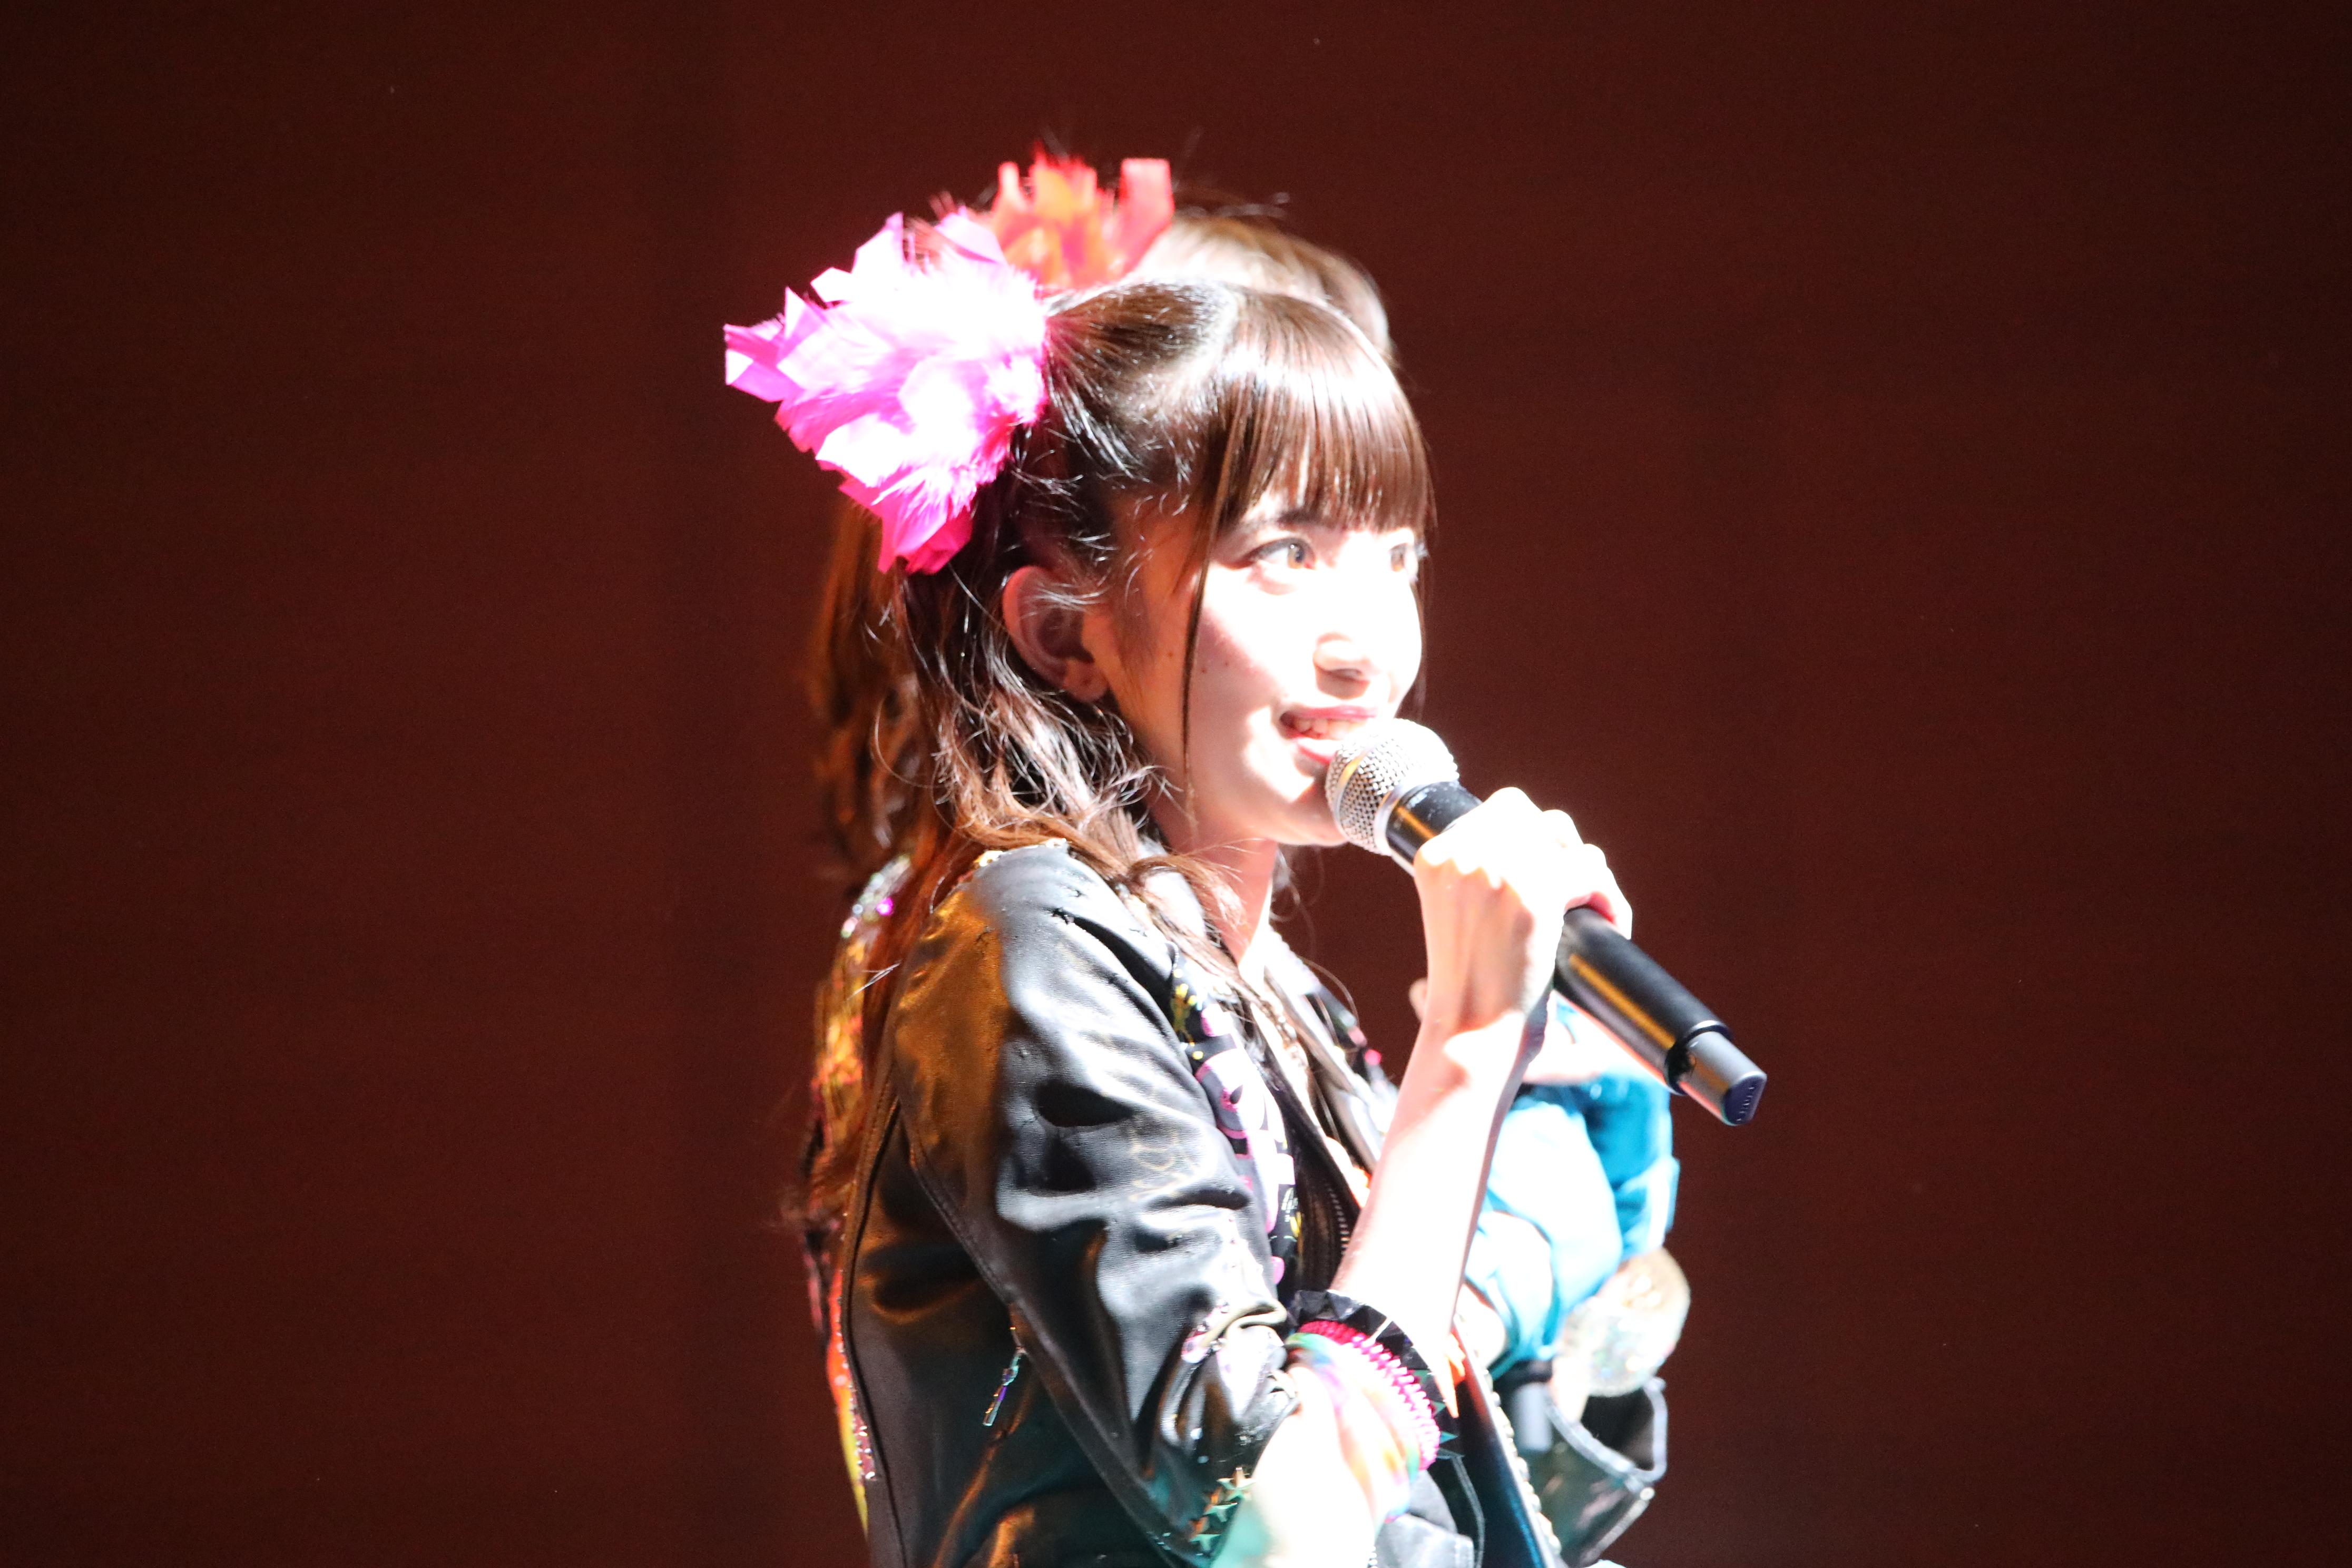 寺田美咲「この曲は、私が奈緒ちゃんとやりたいと思っていました。無事に披露することができて、とっても嬉しいです!」